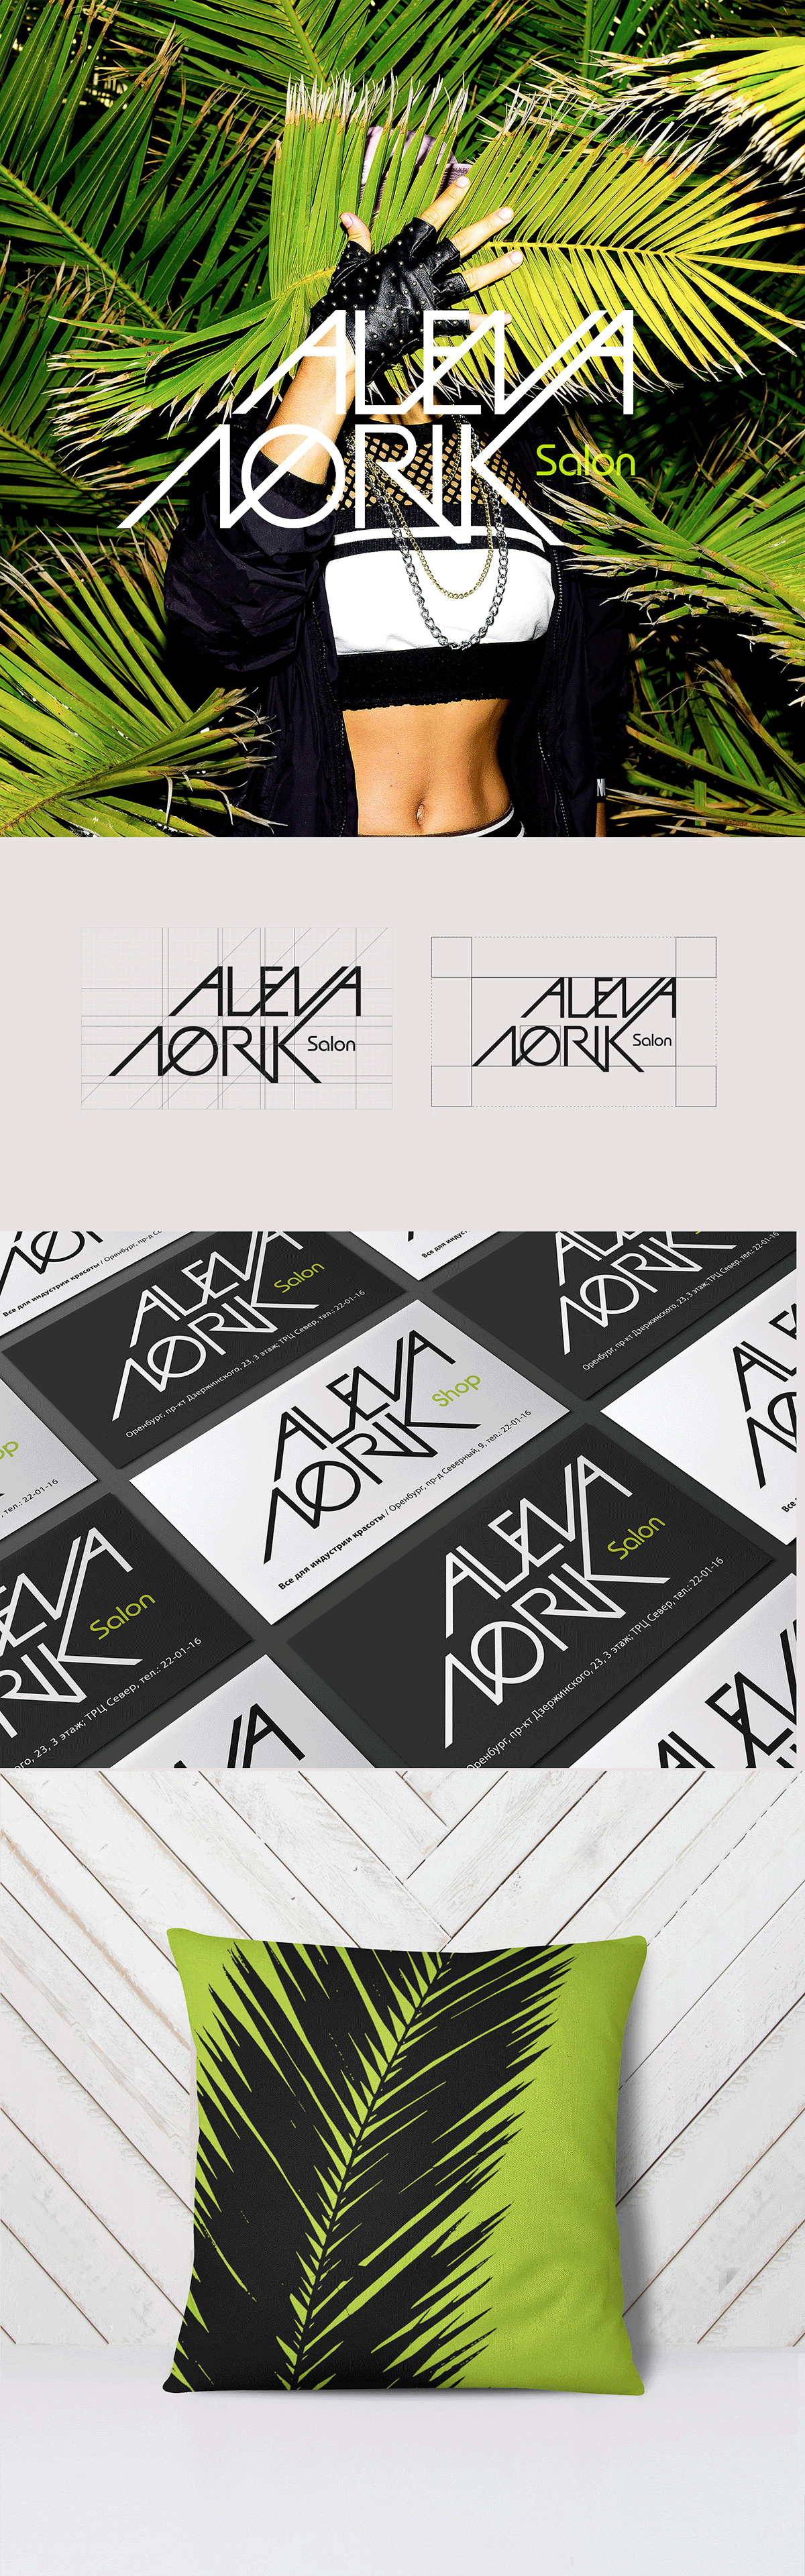 Alena-Norik